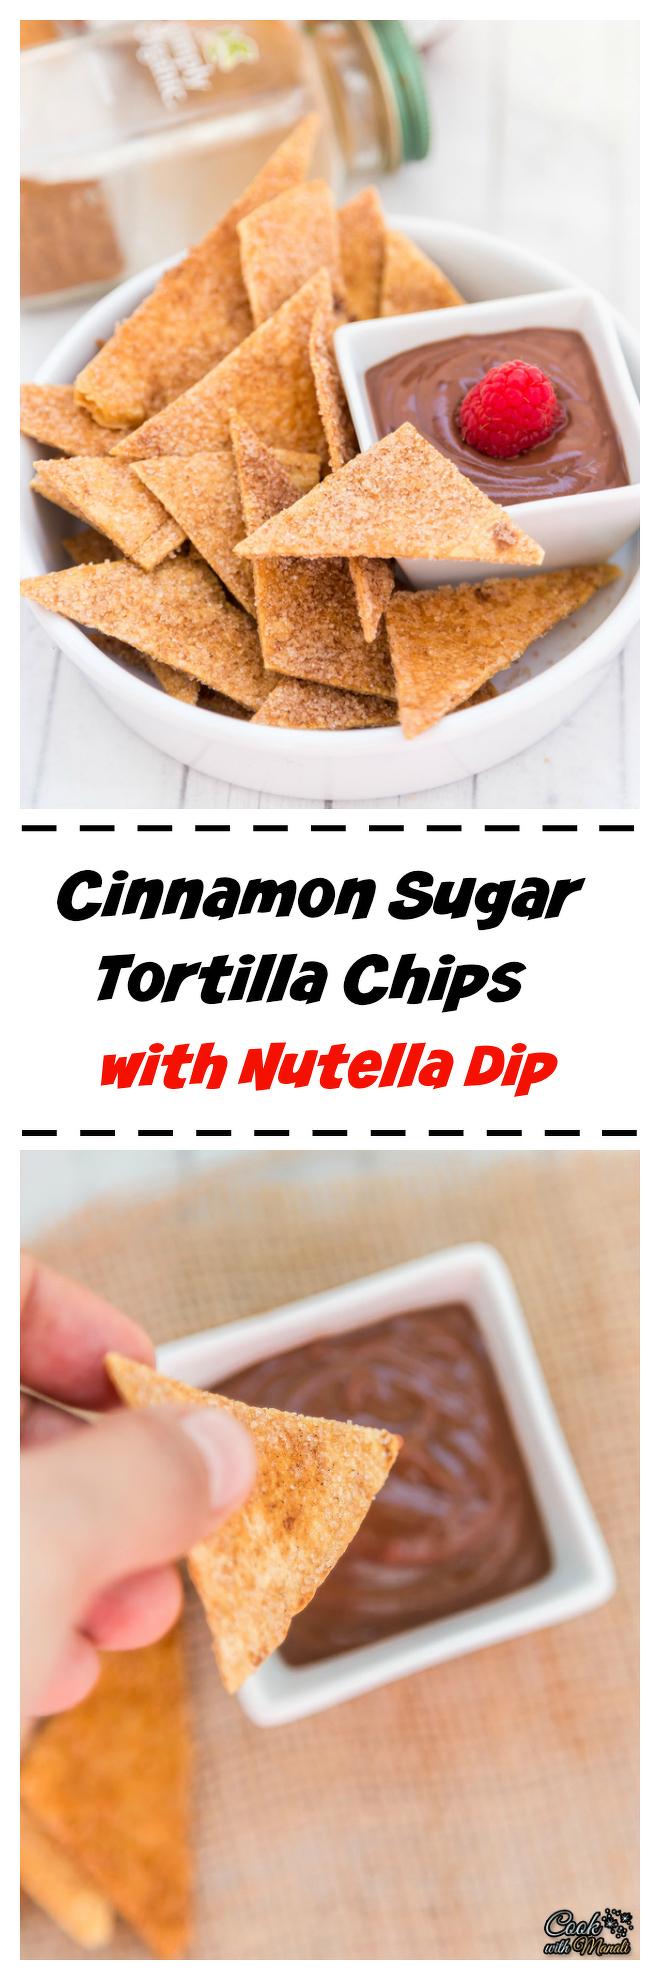 Cinnamon Sugar Tortilla Chips with Nutella Dip Collage-nocwm